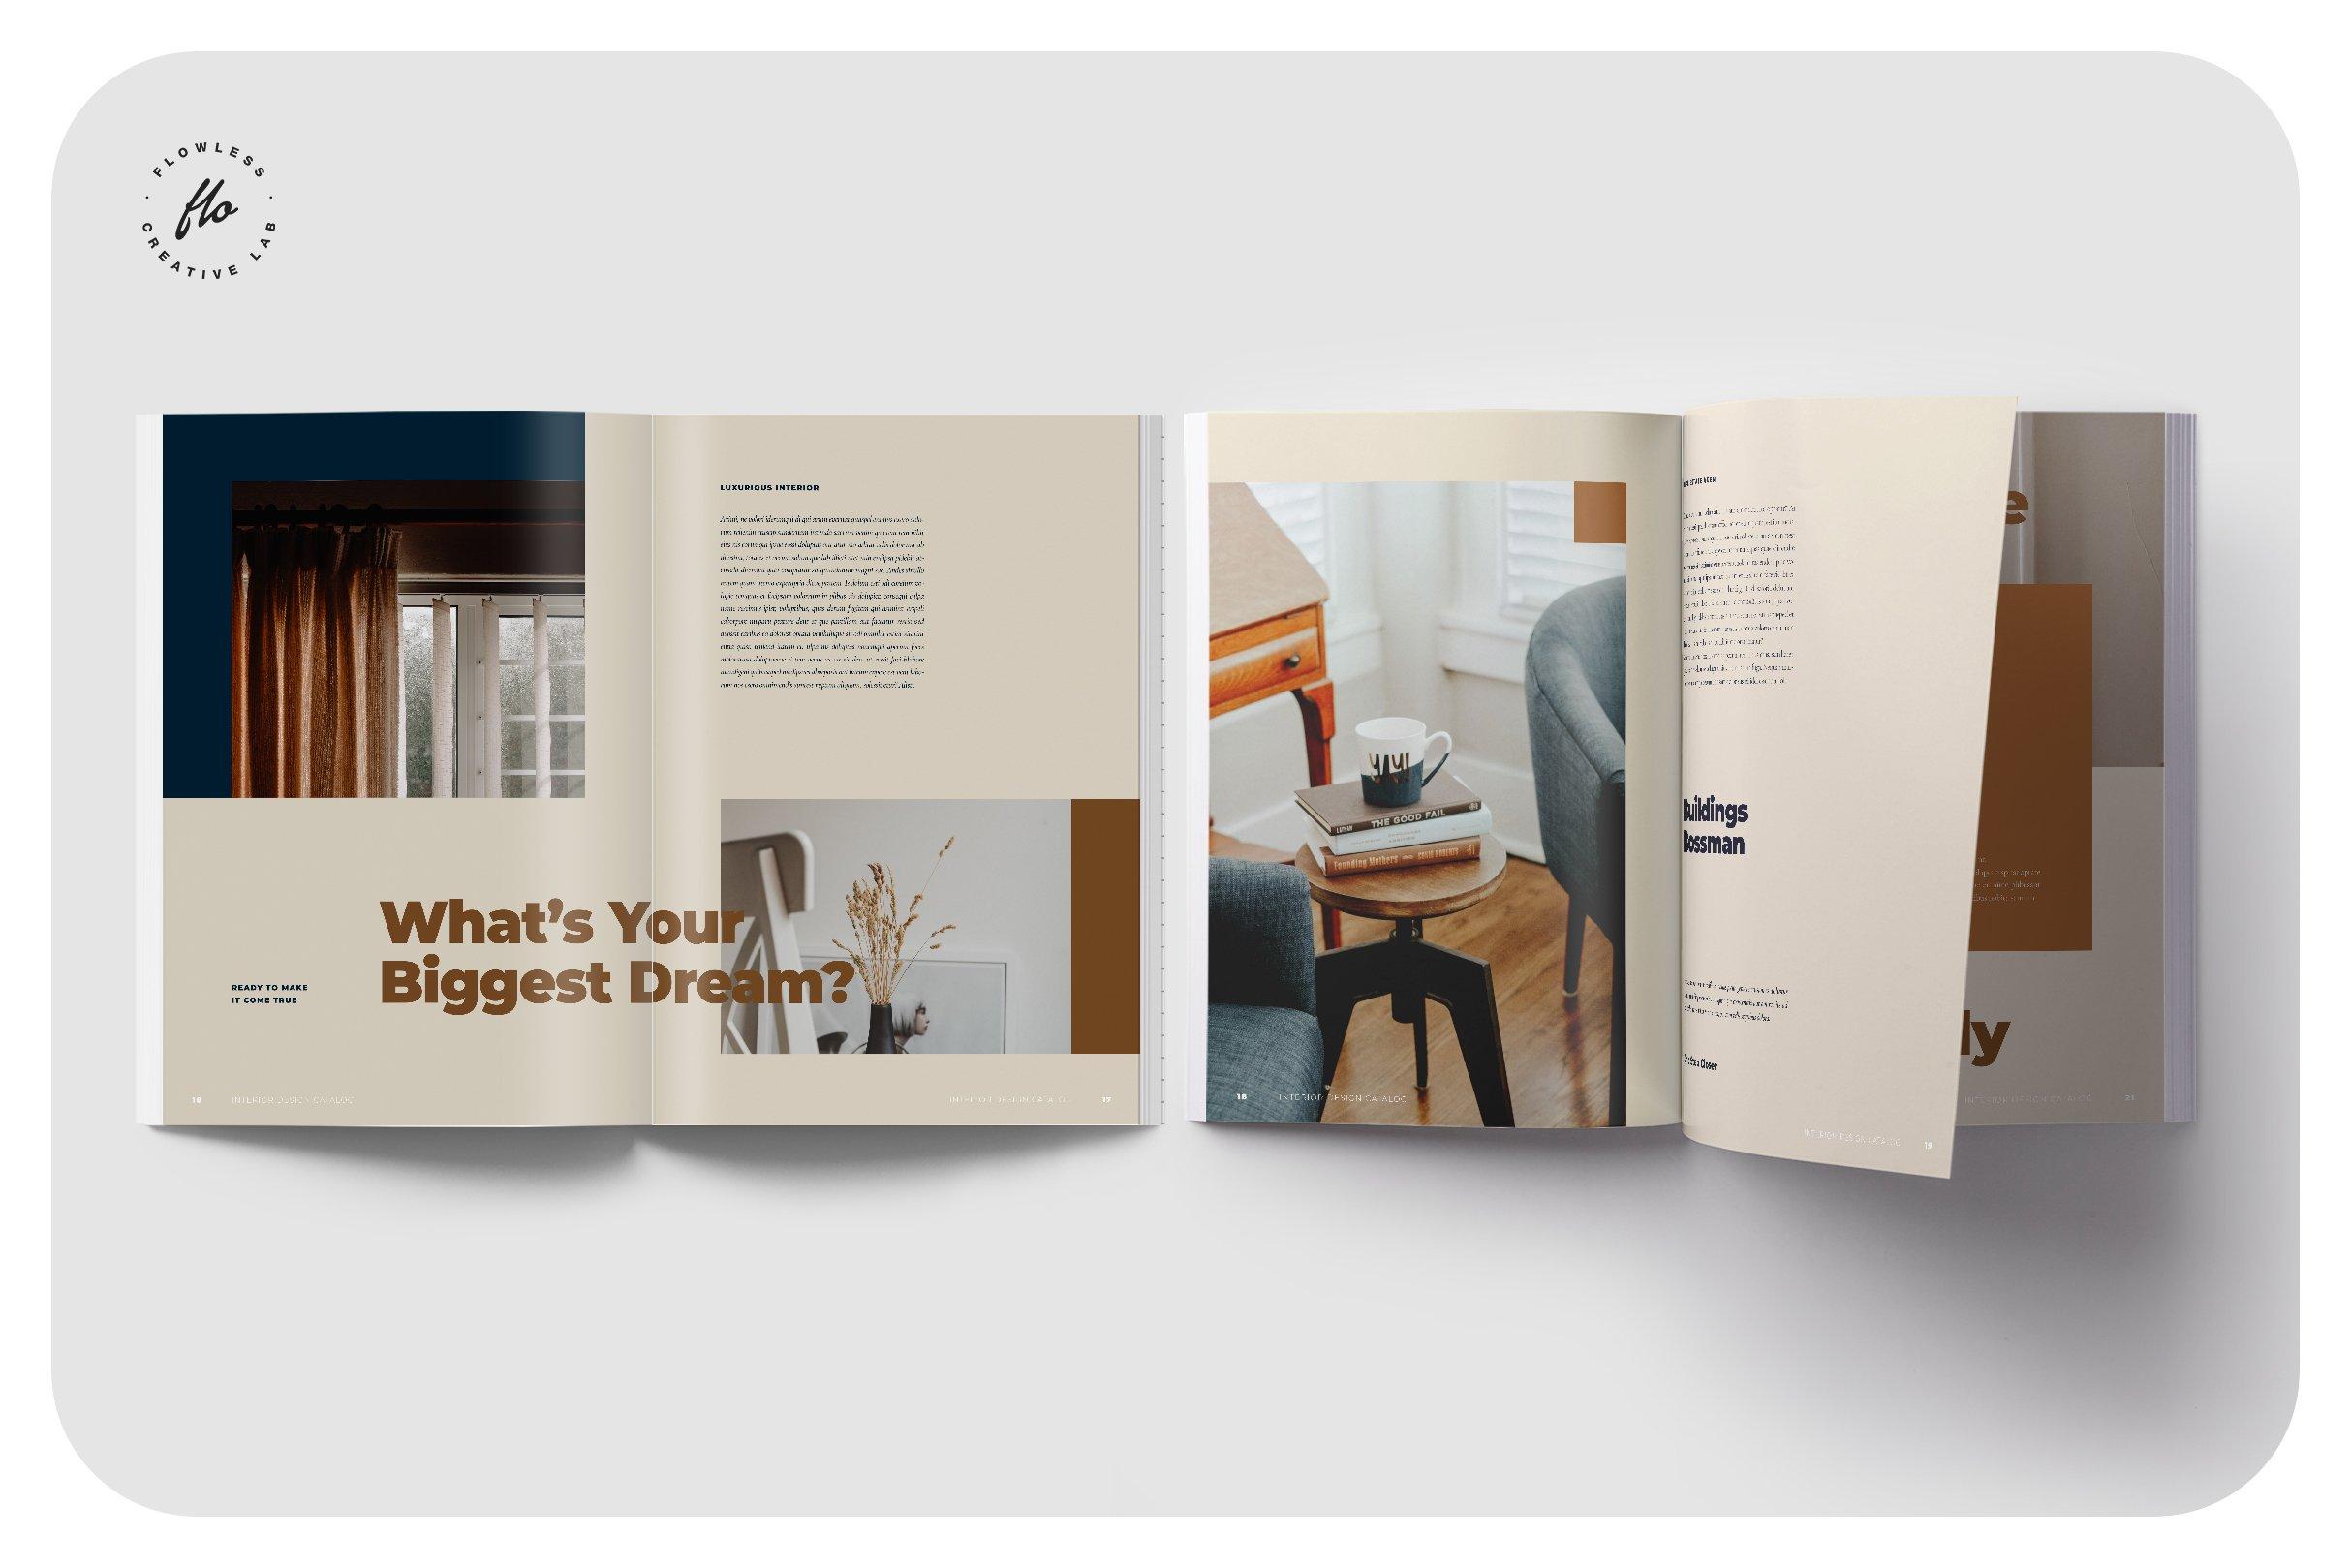 室内设计摄影作品集目录INDD画册模板 CALLEN Interior Design Catalog插图(3)